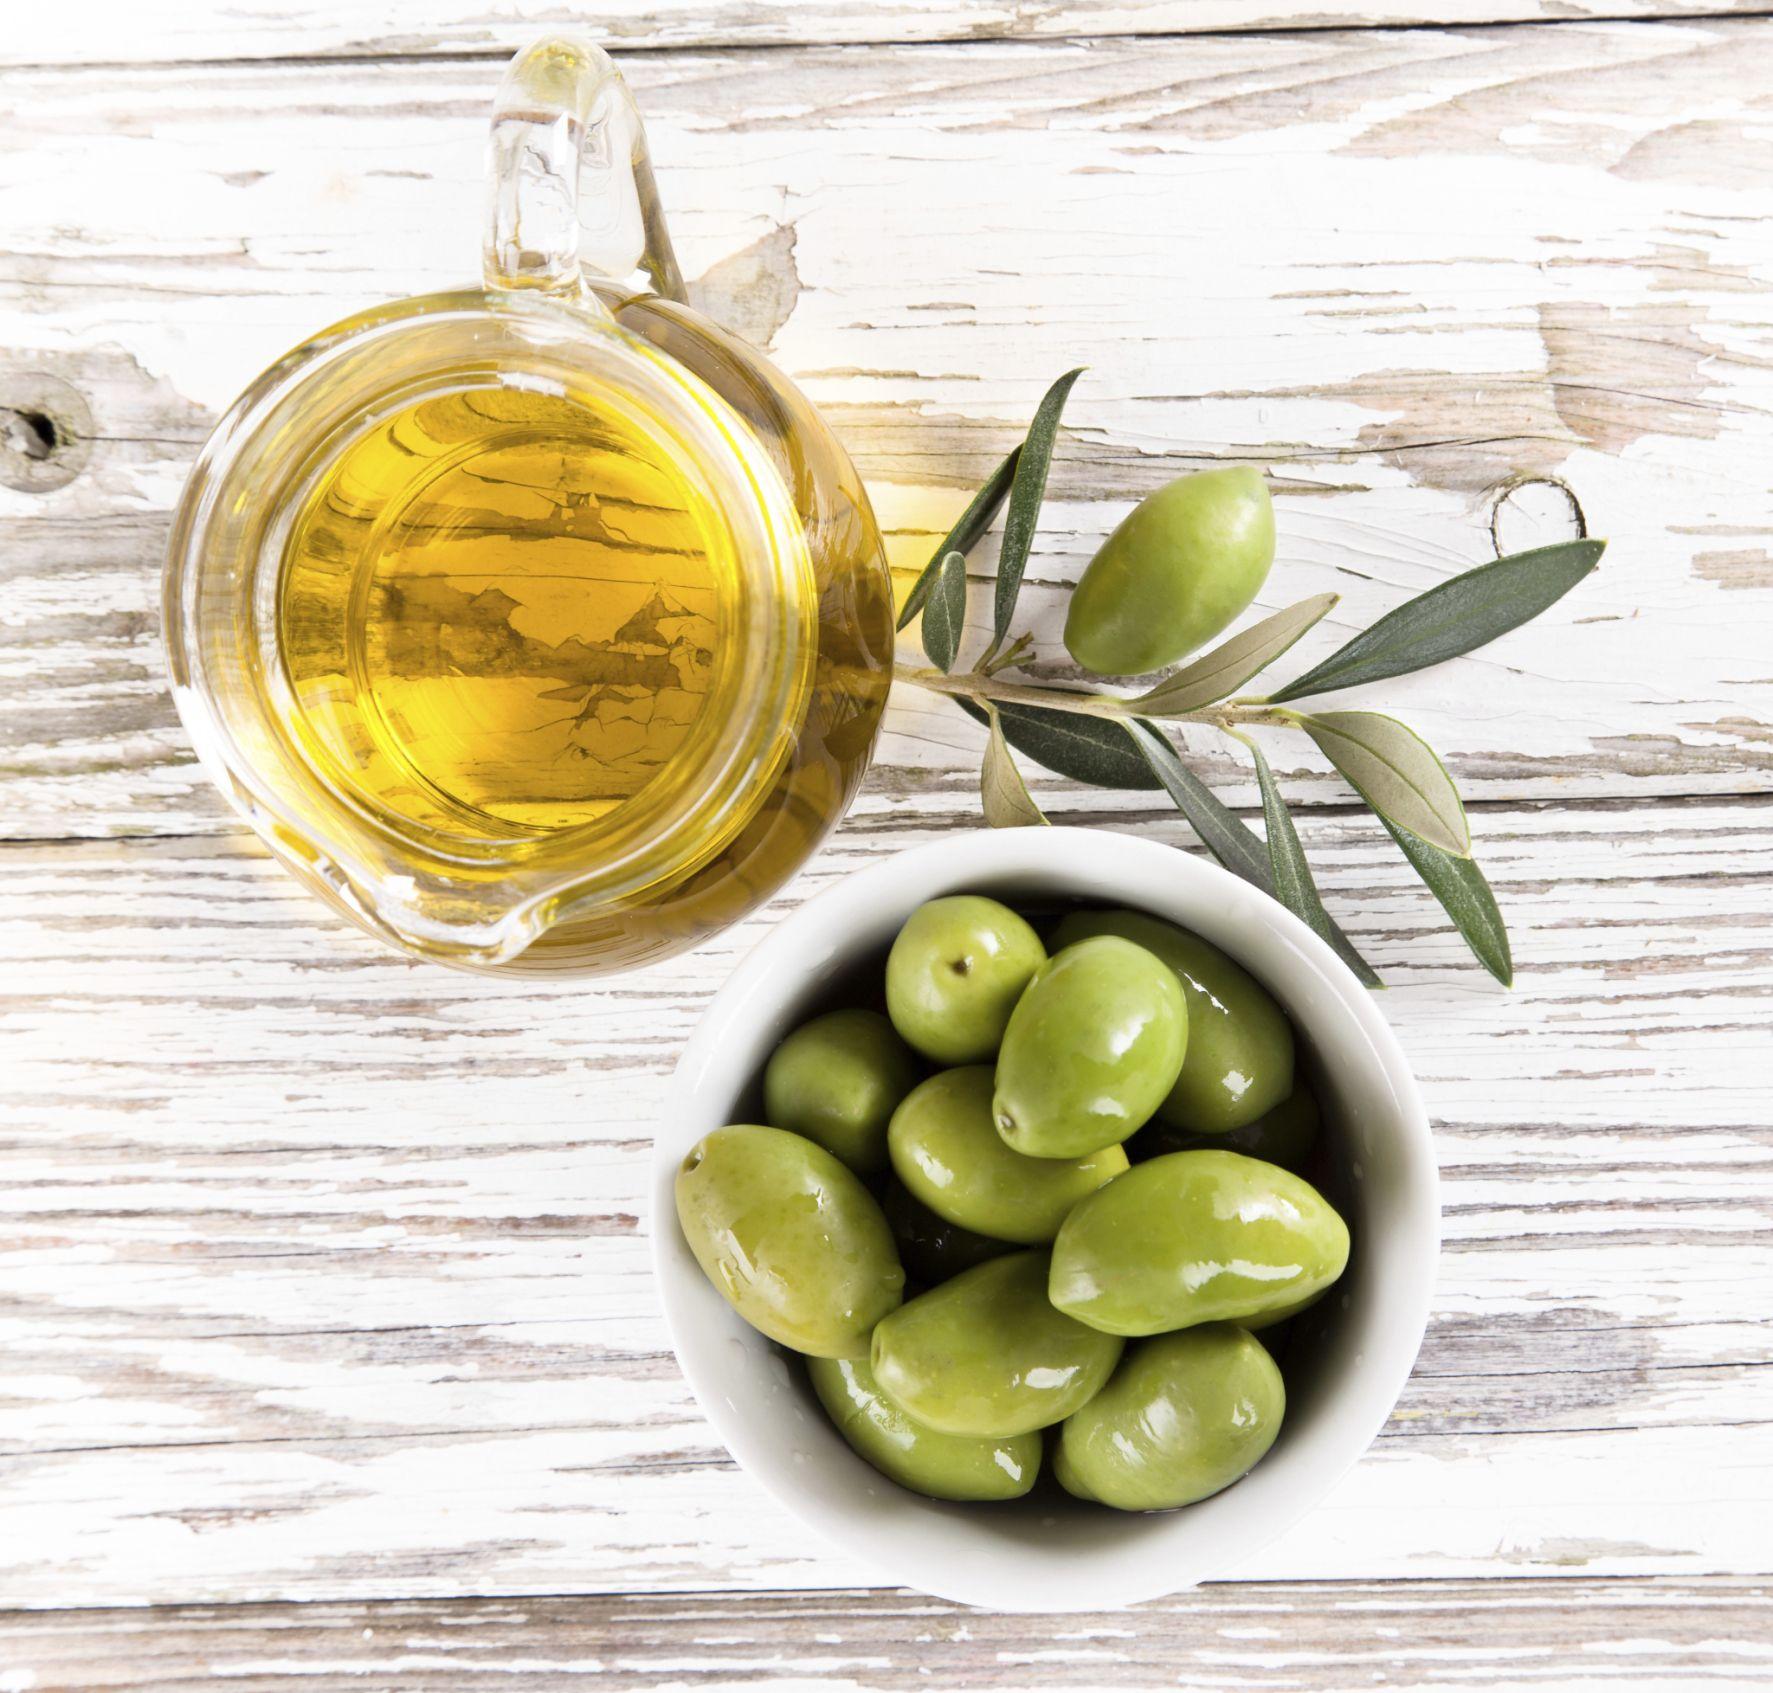 De voordelen van olijfolie! #vitamines #cholesterolvermindering #anti-aging #gezond Lees ze op Gezond.be: http://www.gezond.be/de-voordelen-van-olijfolie/